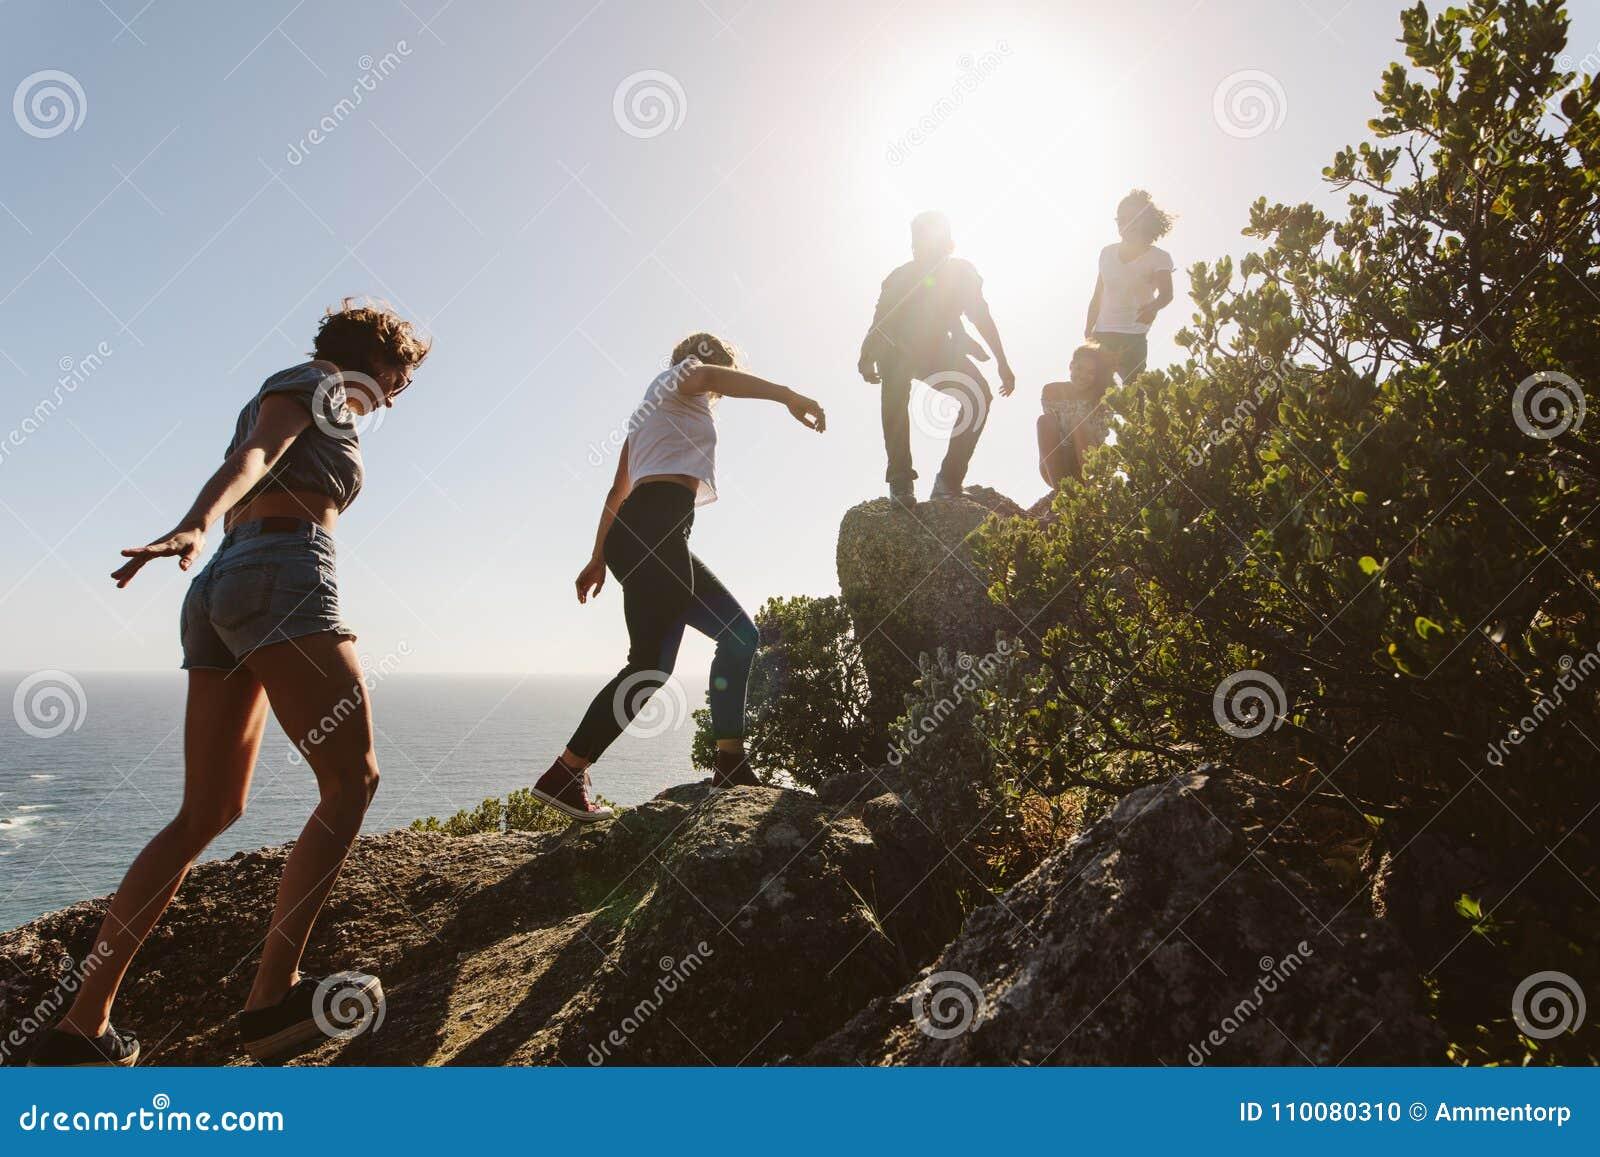 山的青年人在一个夏日步行